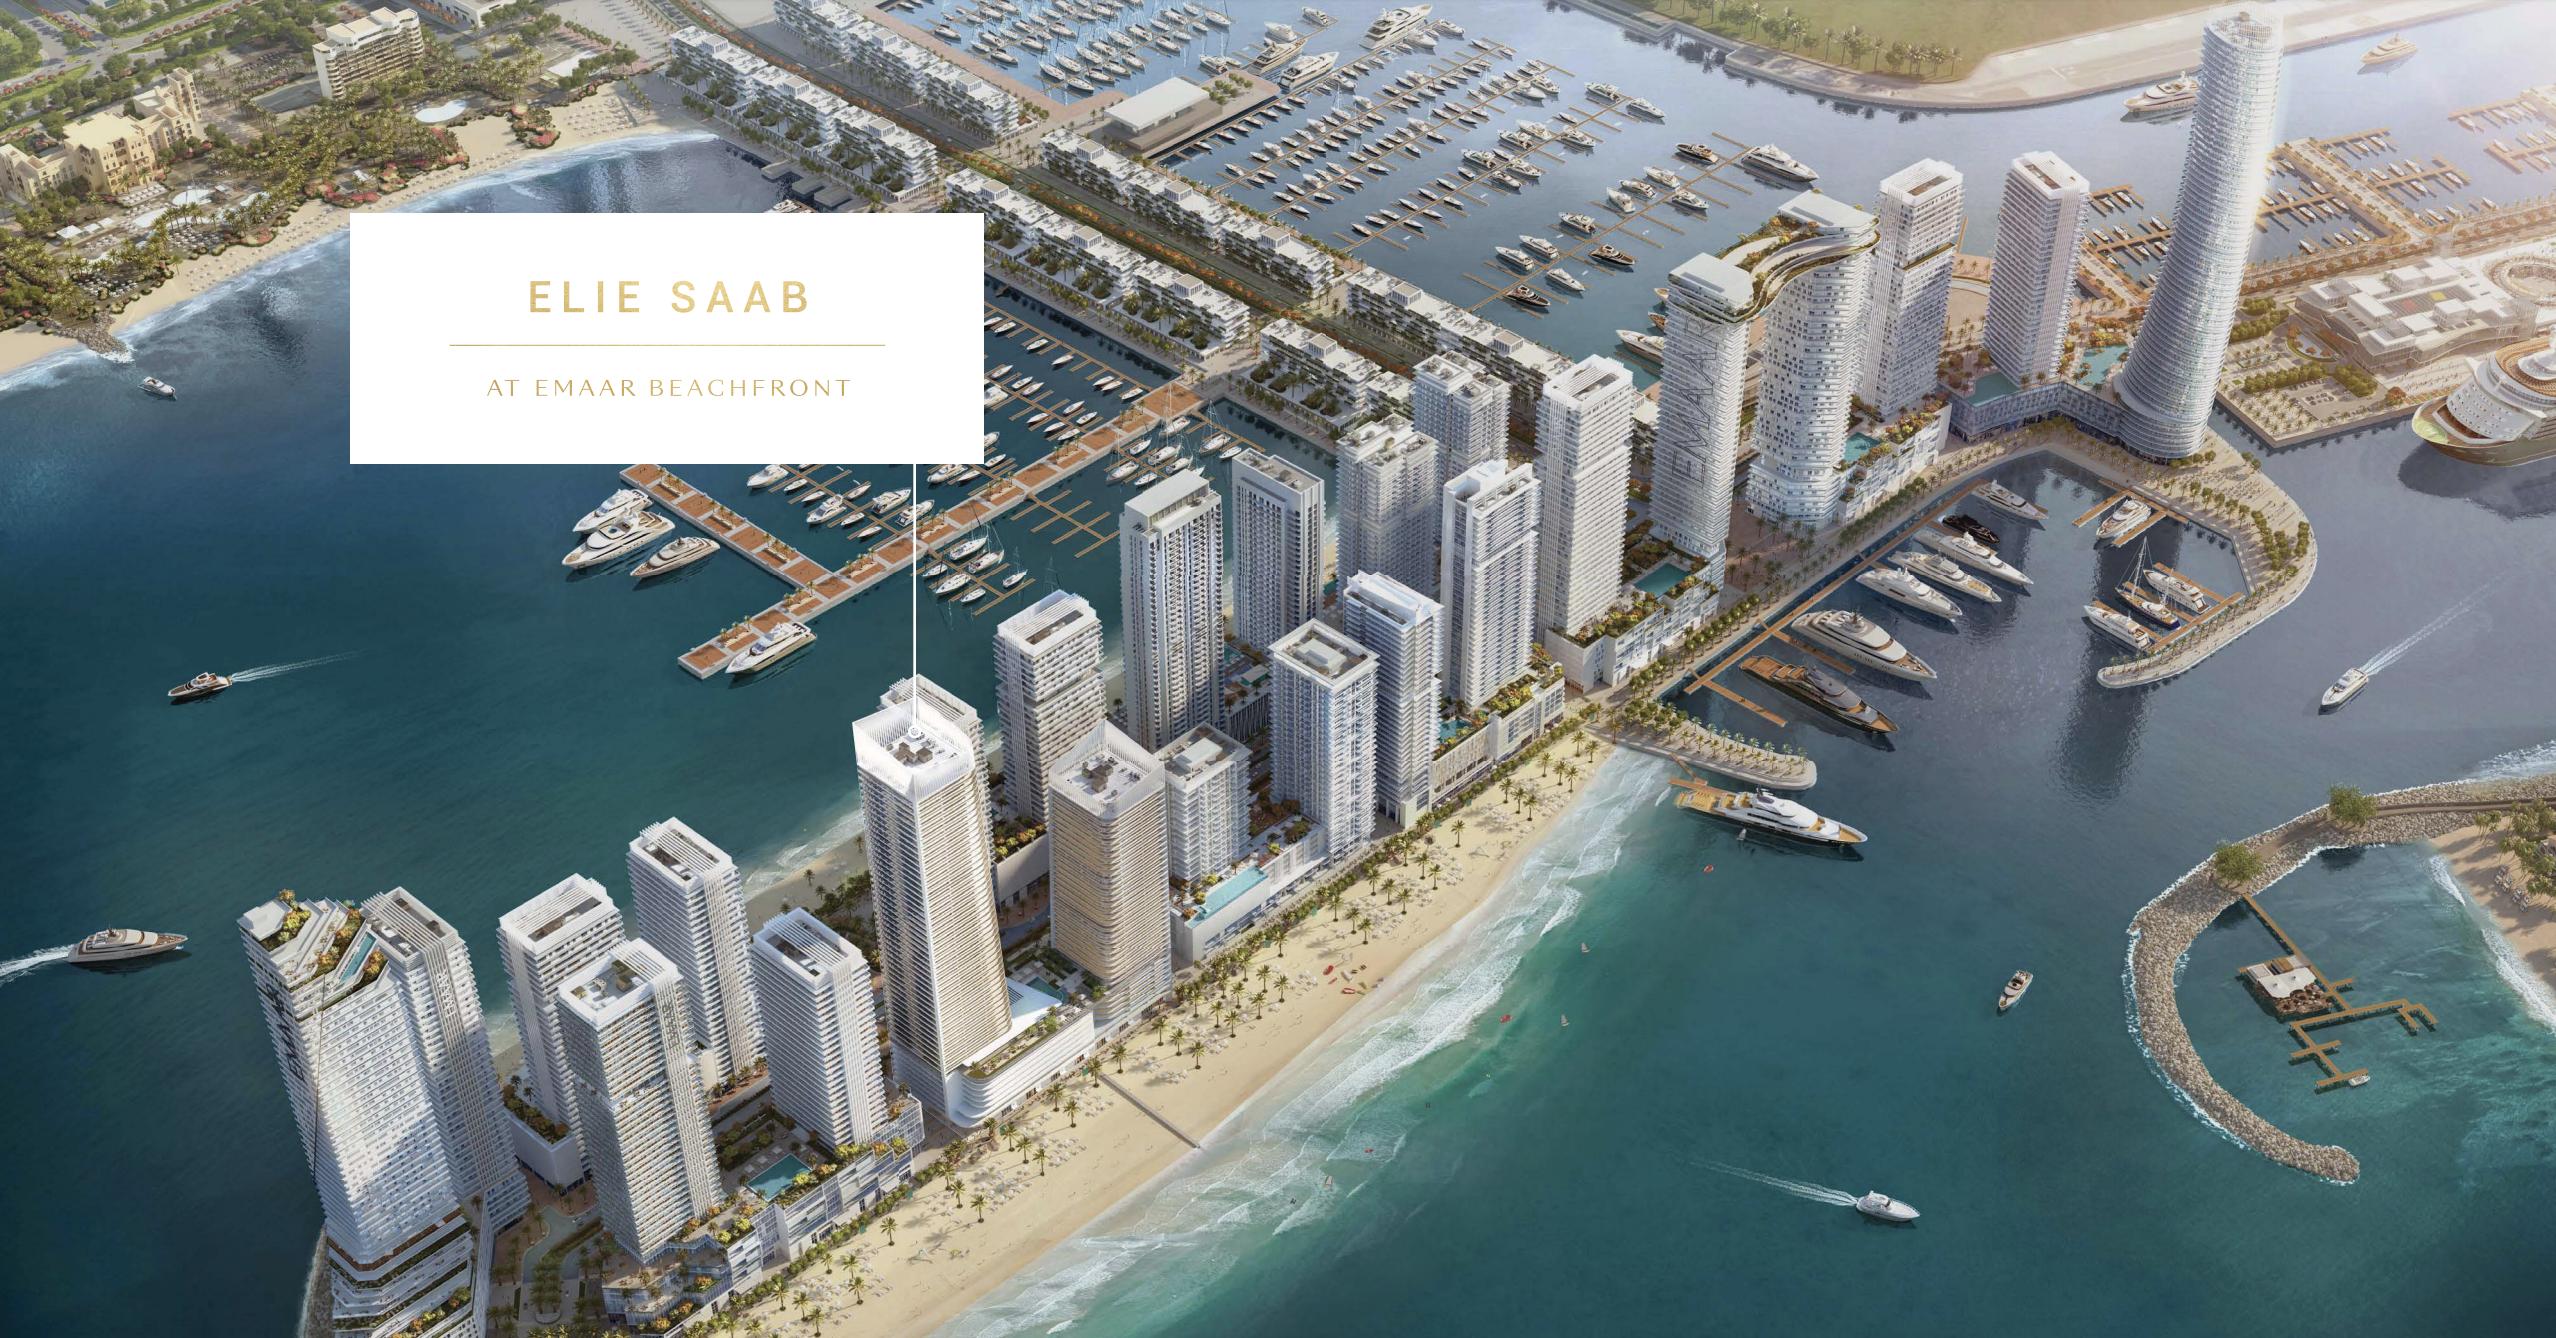 Elis Saab at Emaar Beachfront Dubai